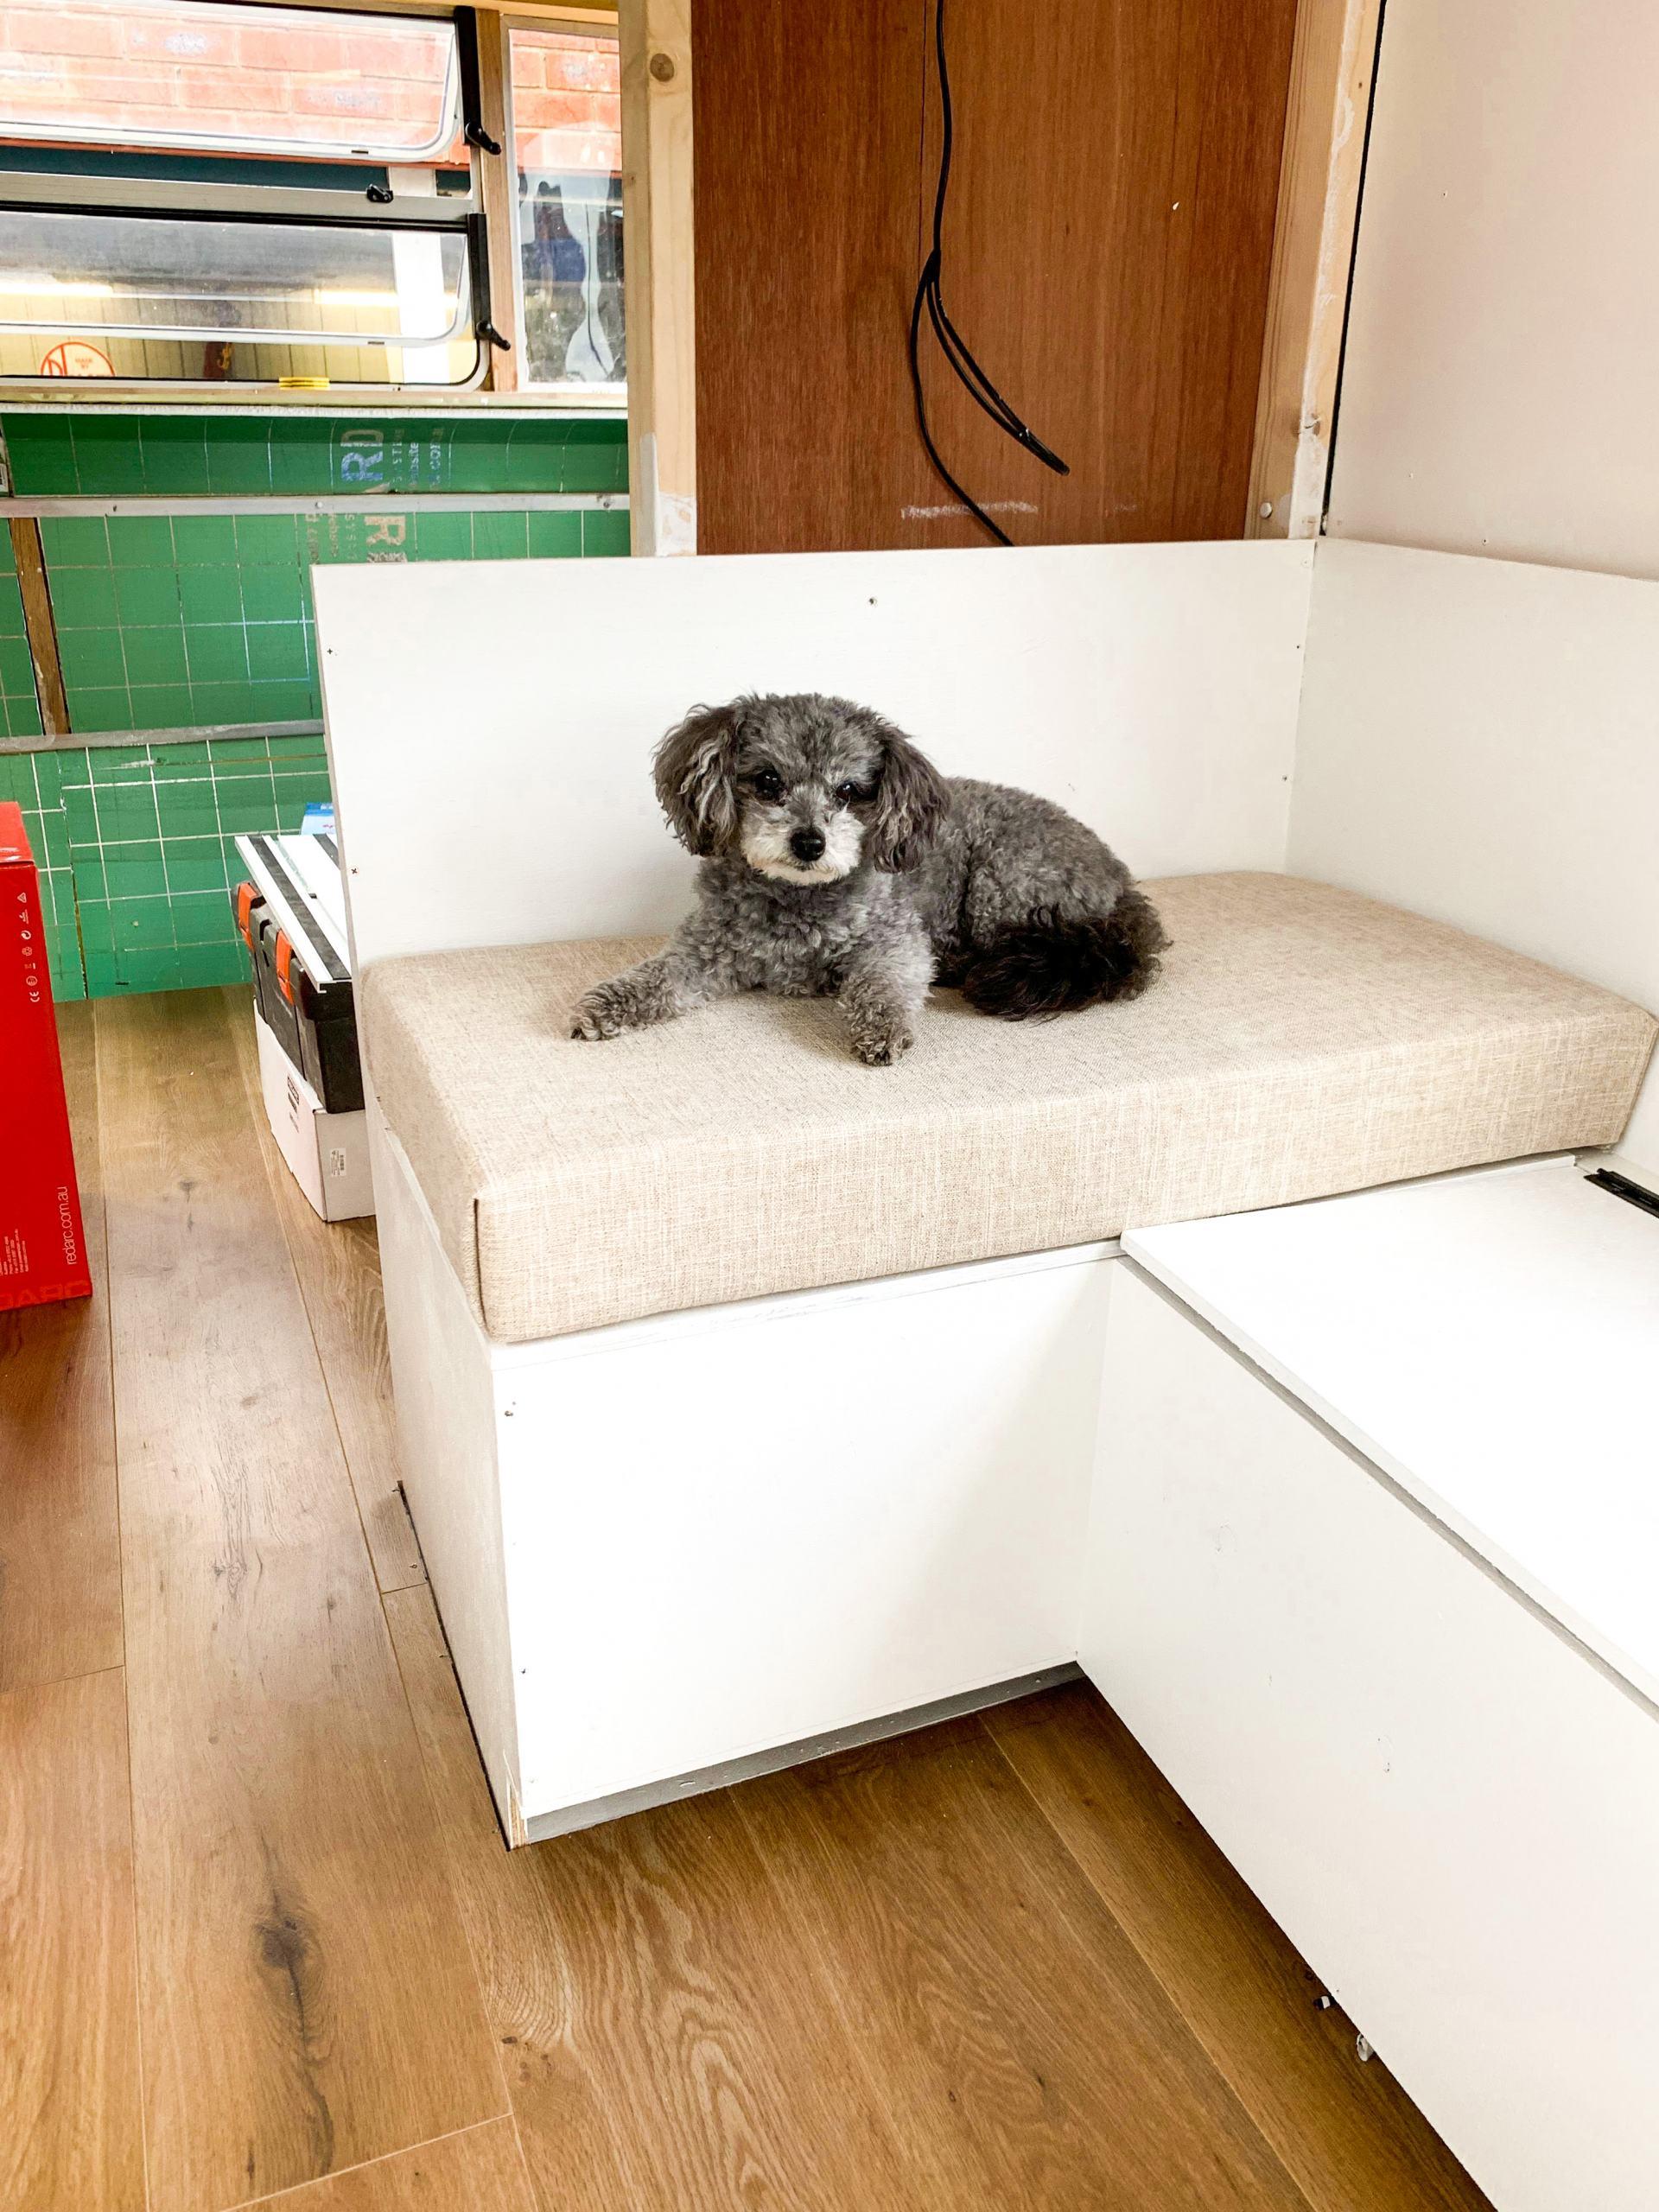 test caravan cushion